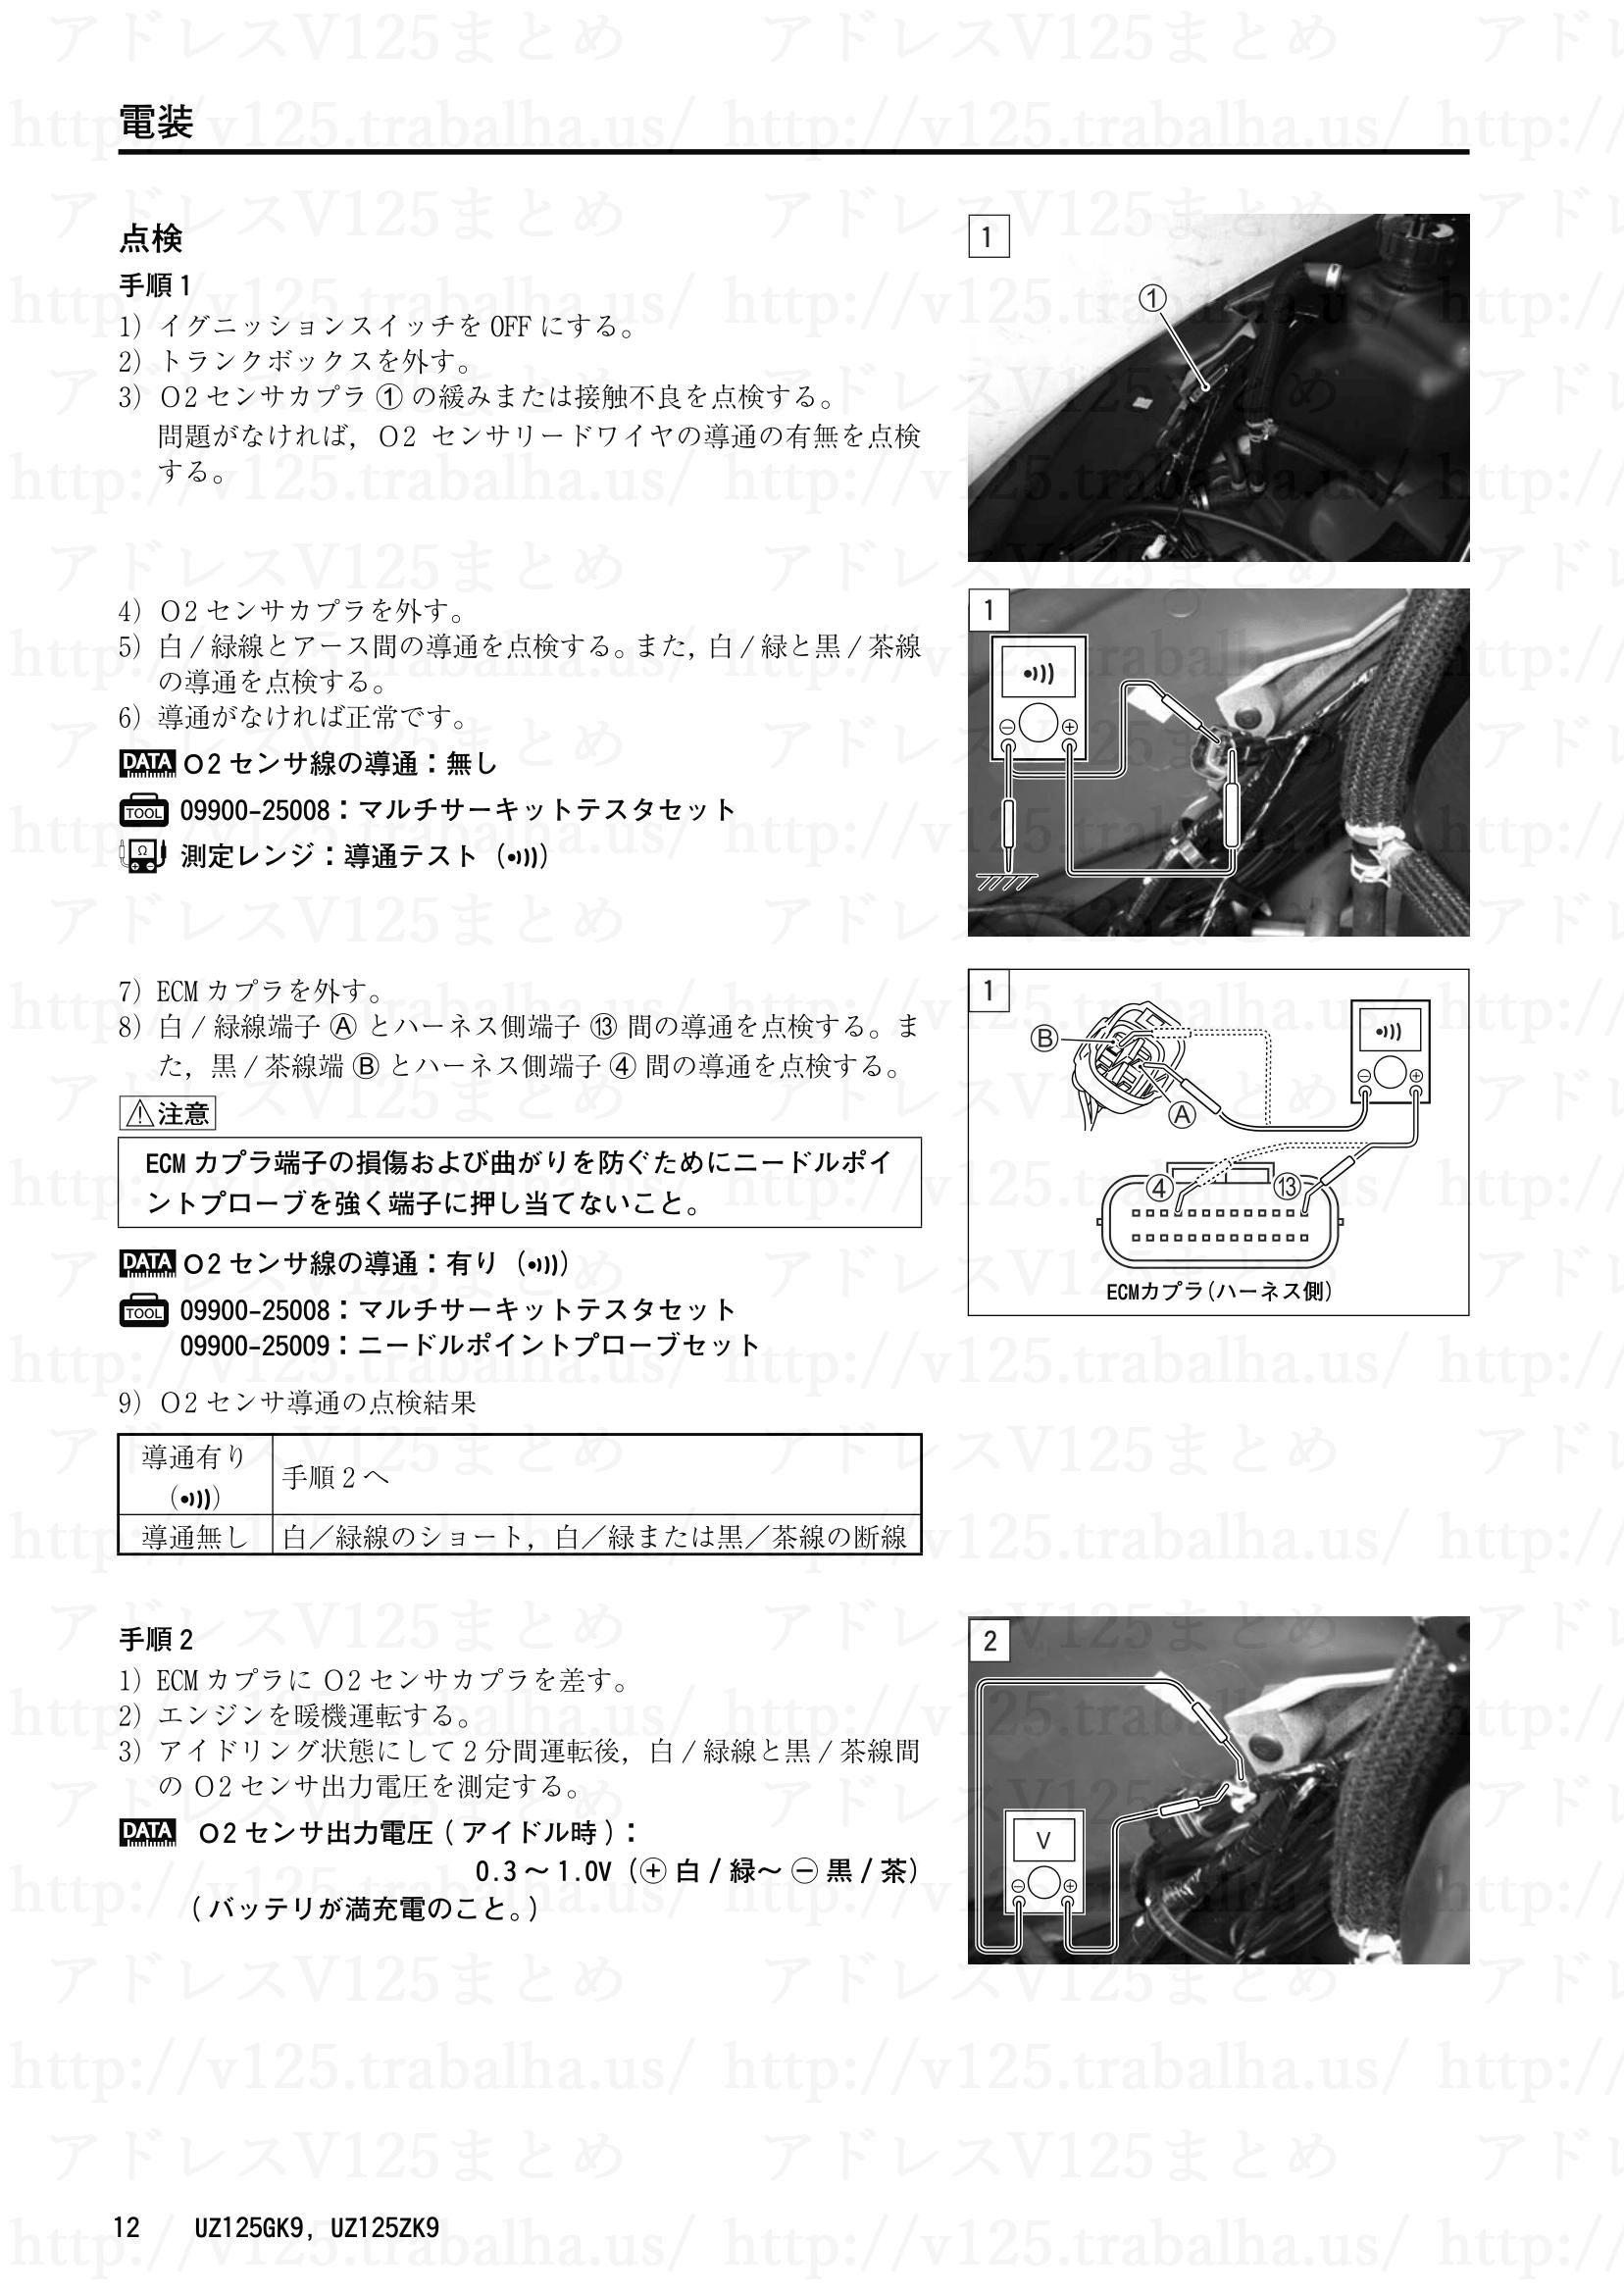 追補【UZ125GK9/UZ125ZK9】旧モデルとの主な相違点12